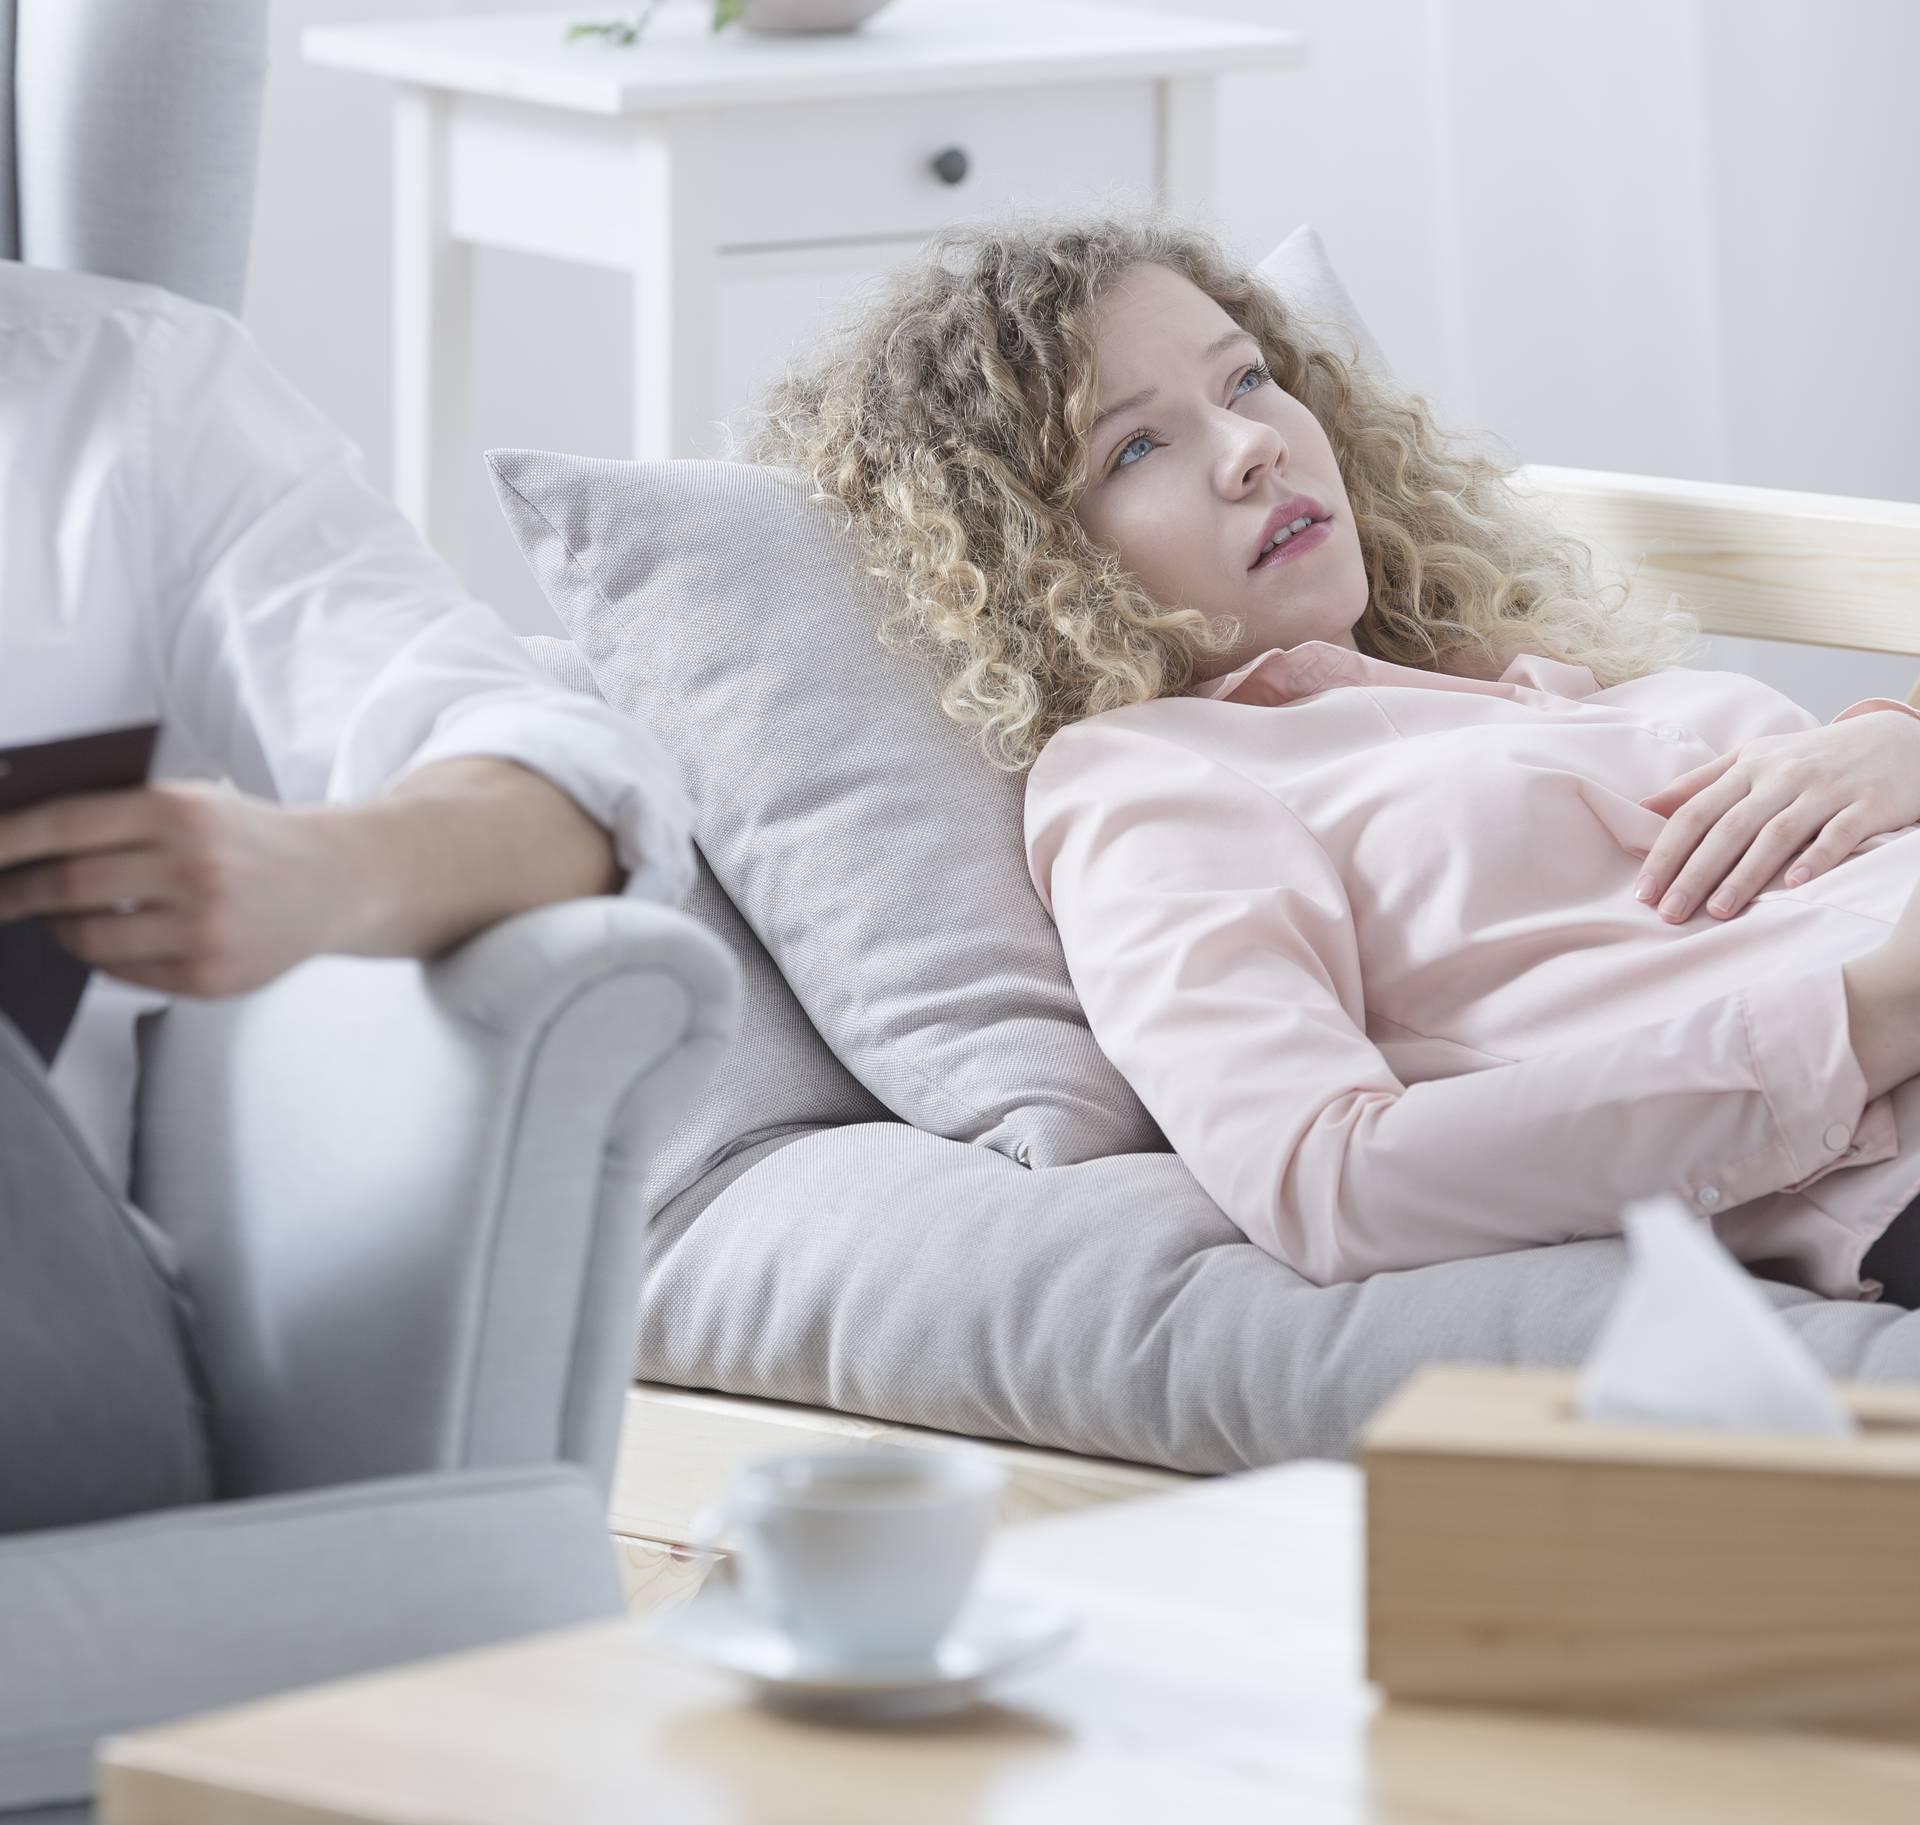 Psiholozi otkrili kojih 9 stvari ljude najviše muče zbog korone